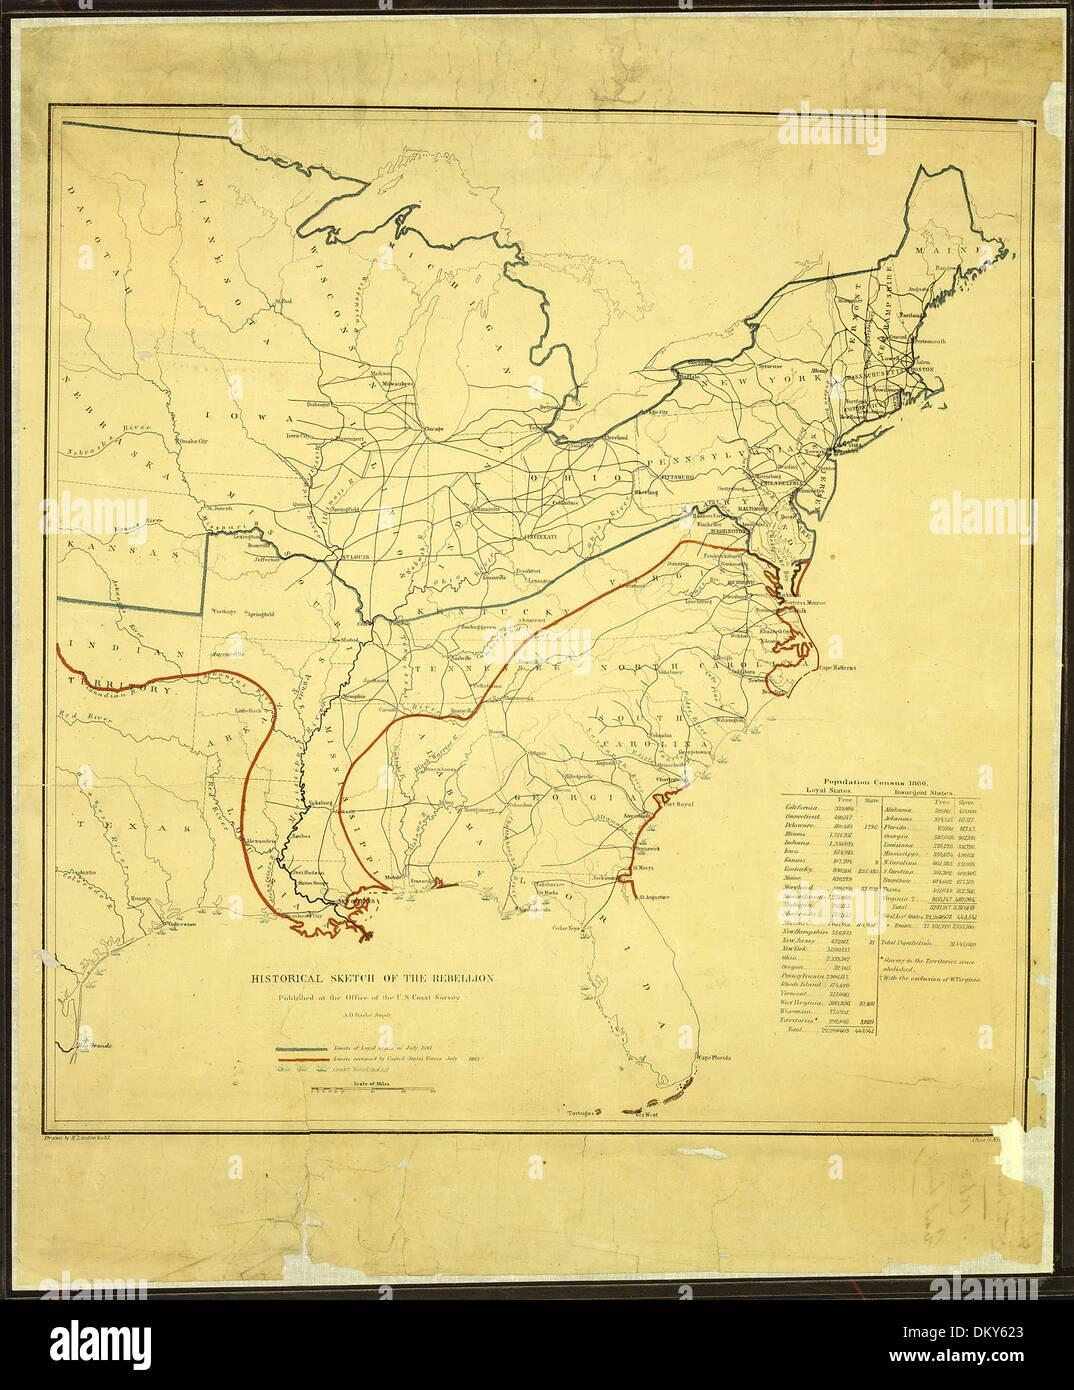 Schizzo storico della ribellione. Pubblicato in ufficio dell'U.S. Sondaggio sulla costa, A. D. Bache, Supdt. (Edizione di) J 305697 Immagini Stock